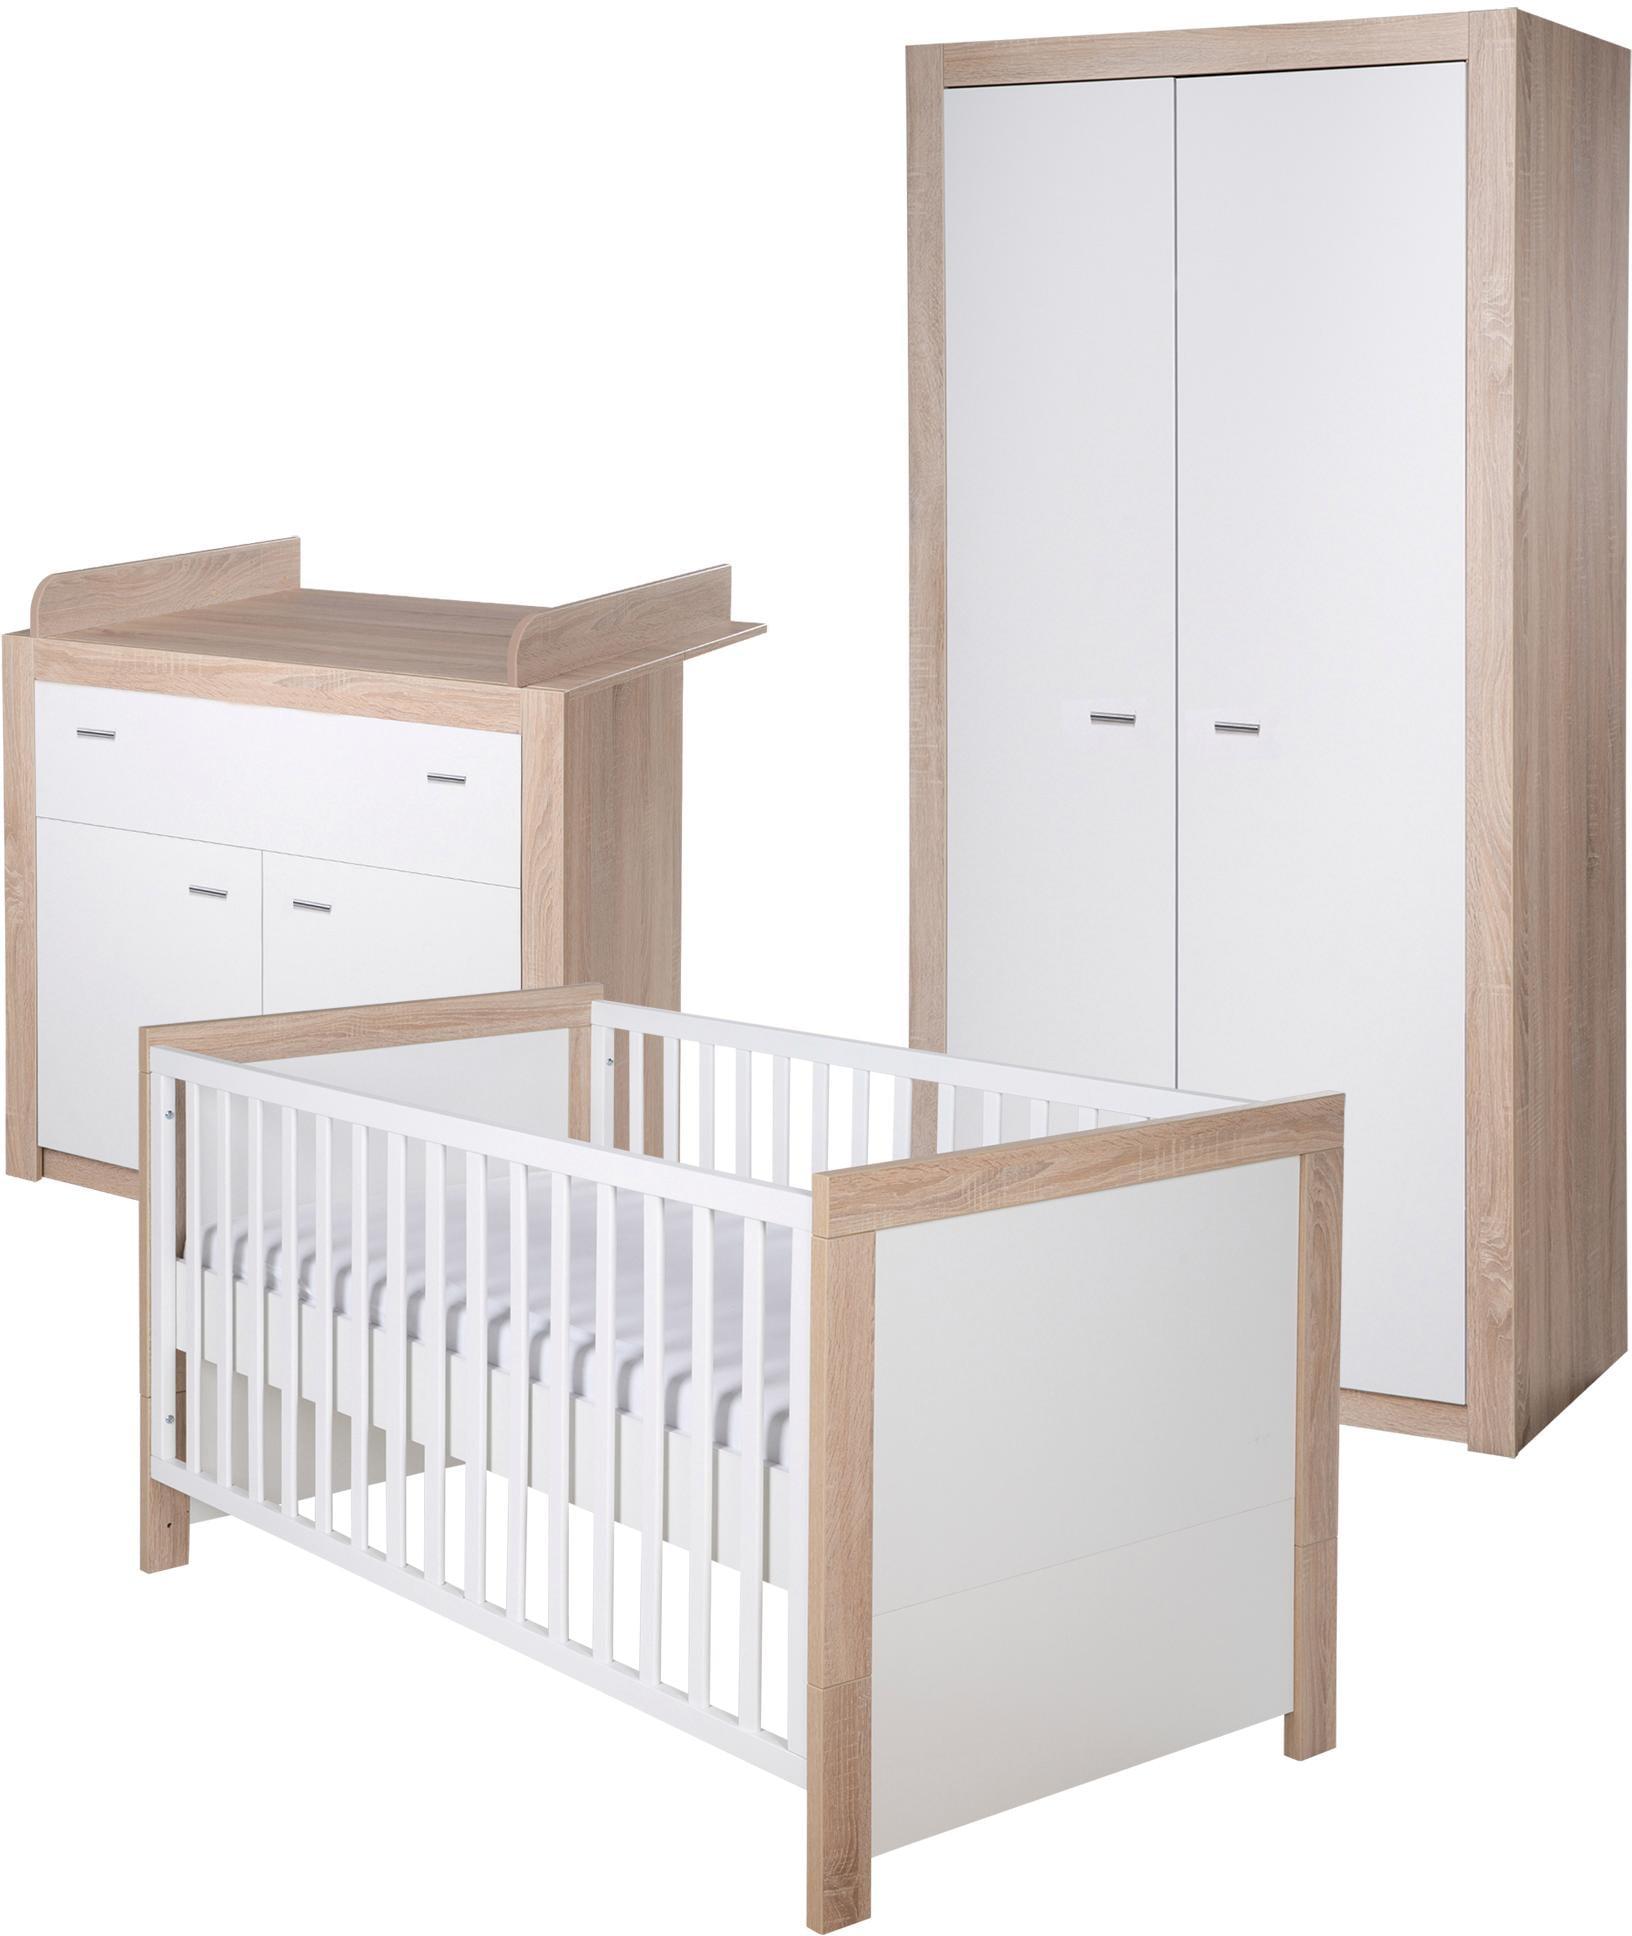 BABYZIMMER SET Babybett Wickelkomode Kleiderschrank Schrank WEIß EICHE SÄGERAU